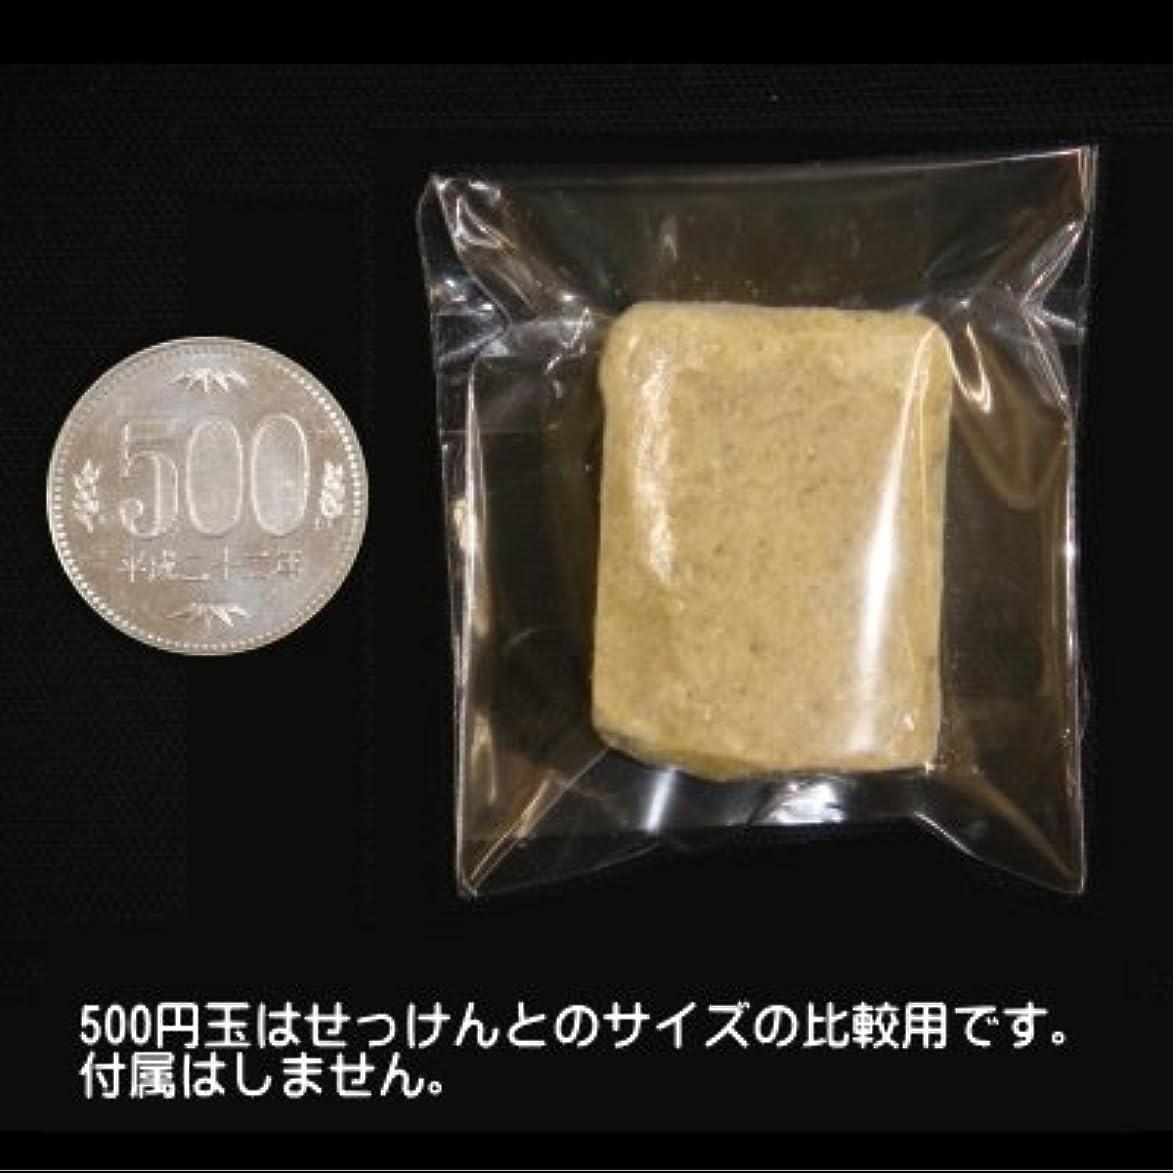 ジョイントイブ魅惑的な緑茶ノニ石鹸 てづくり野にせっけんお試し用12g(無添加石鹸)